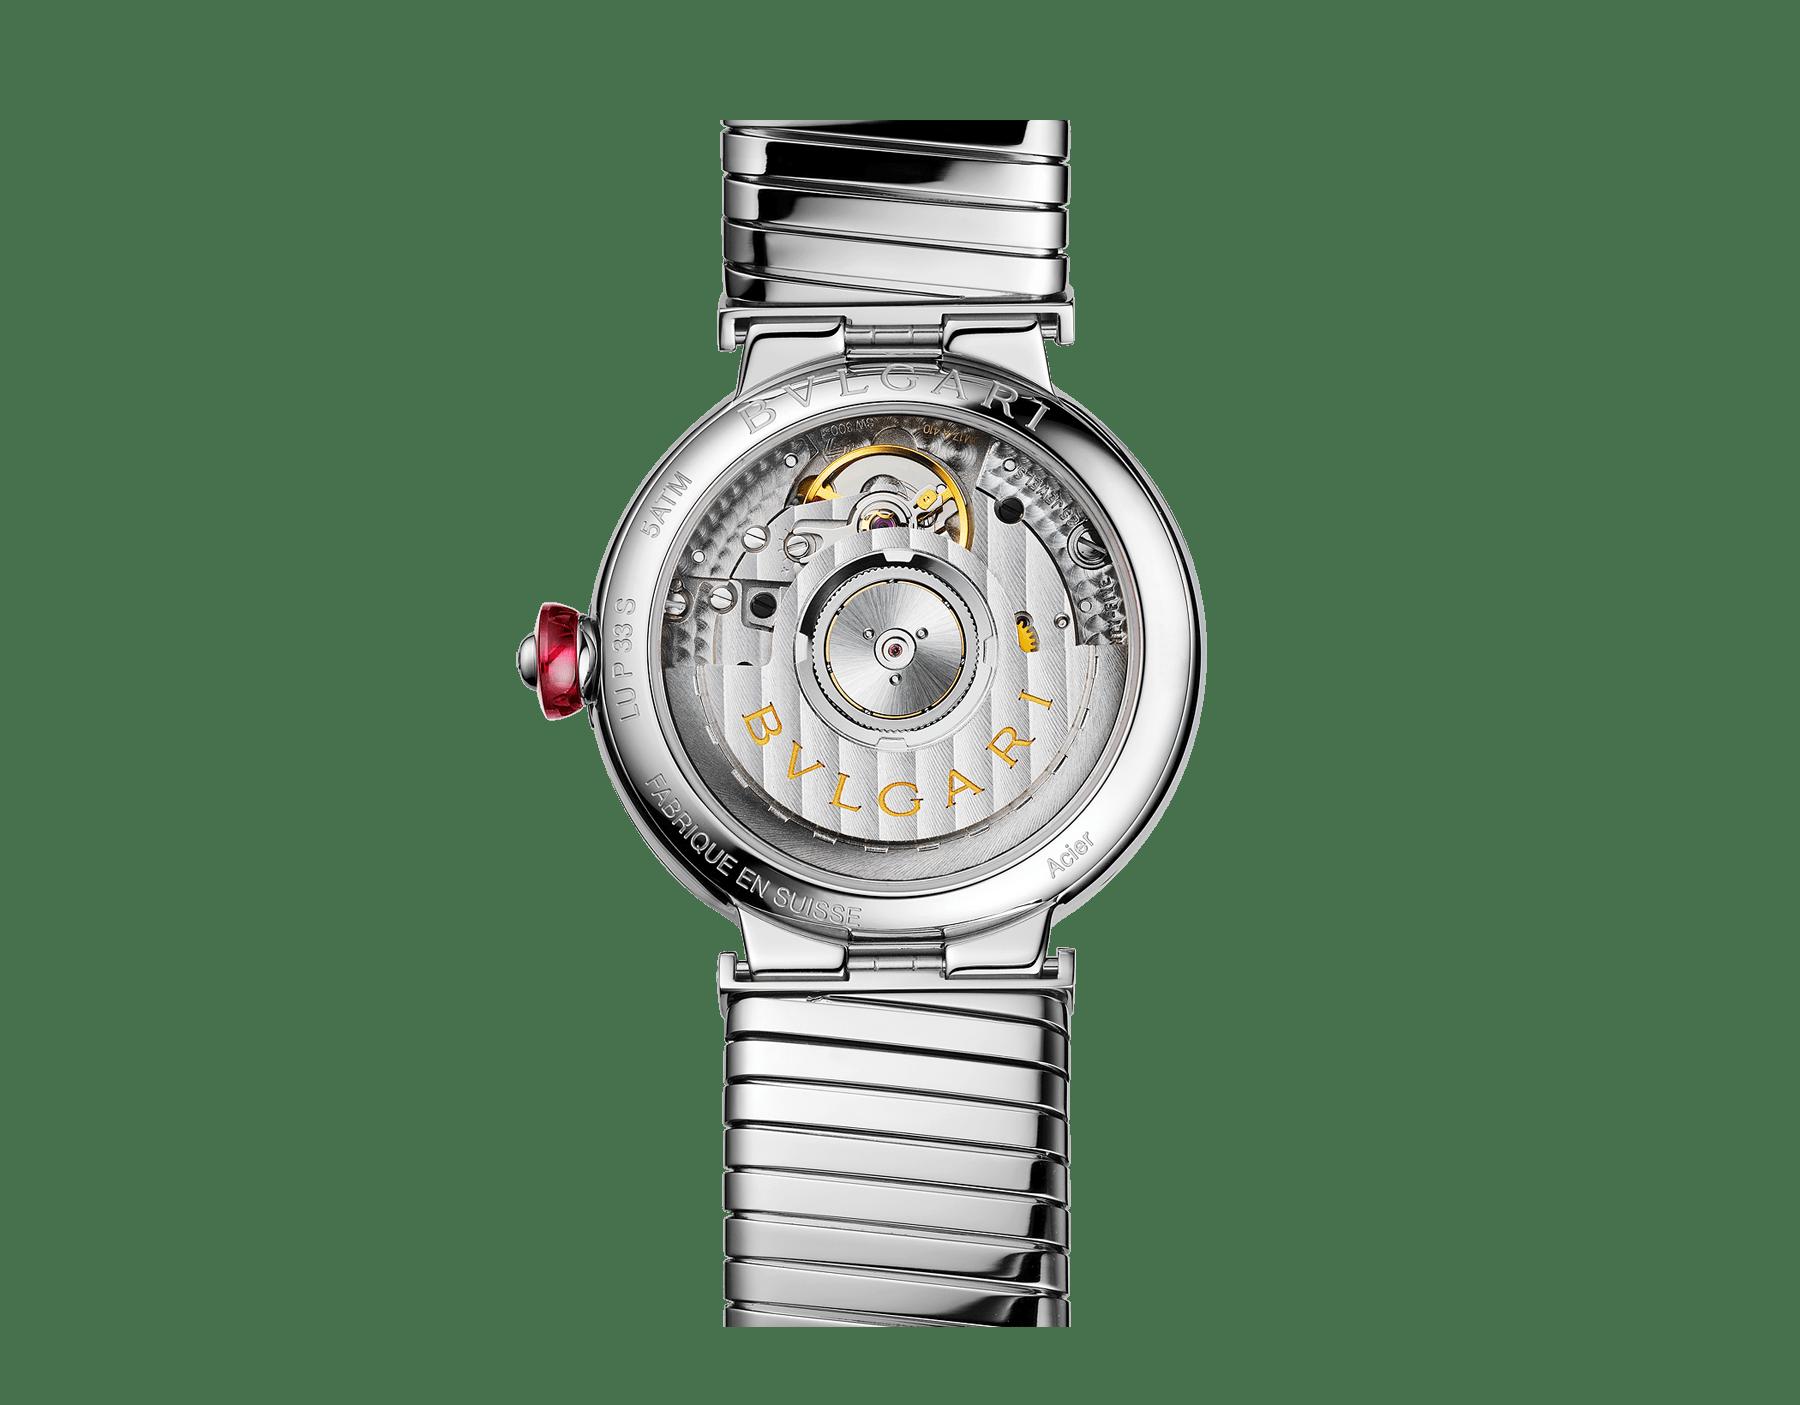 Montre LVCEA Tubogas avec boîtier et bracelet Tubogas en acier inoxydable, cadran laqué noir et index sertis de diamants 102953 image 3